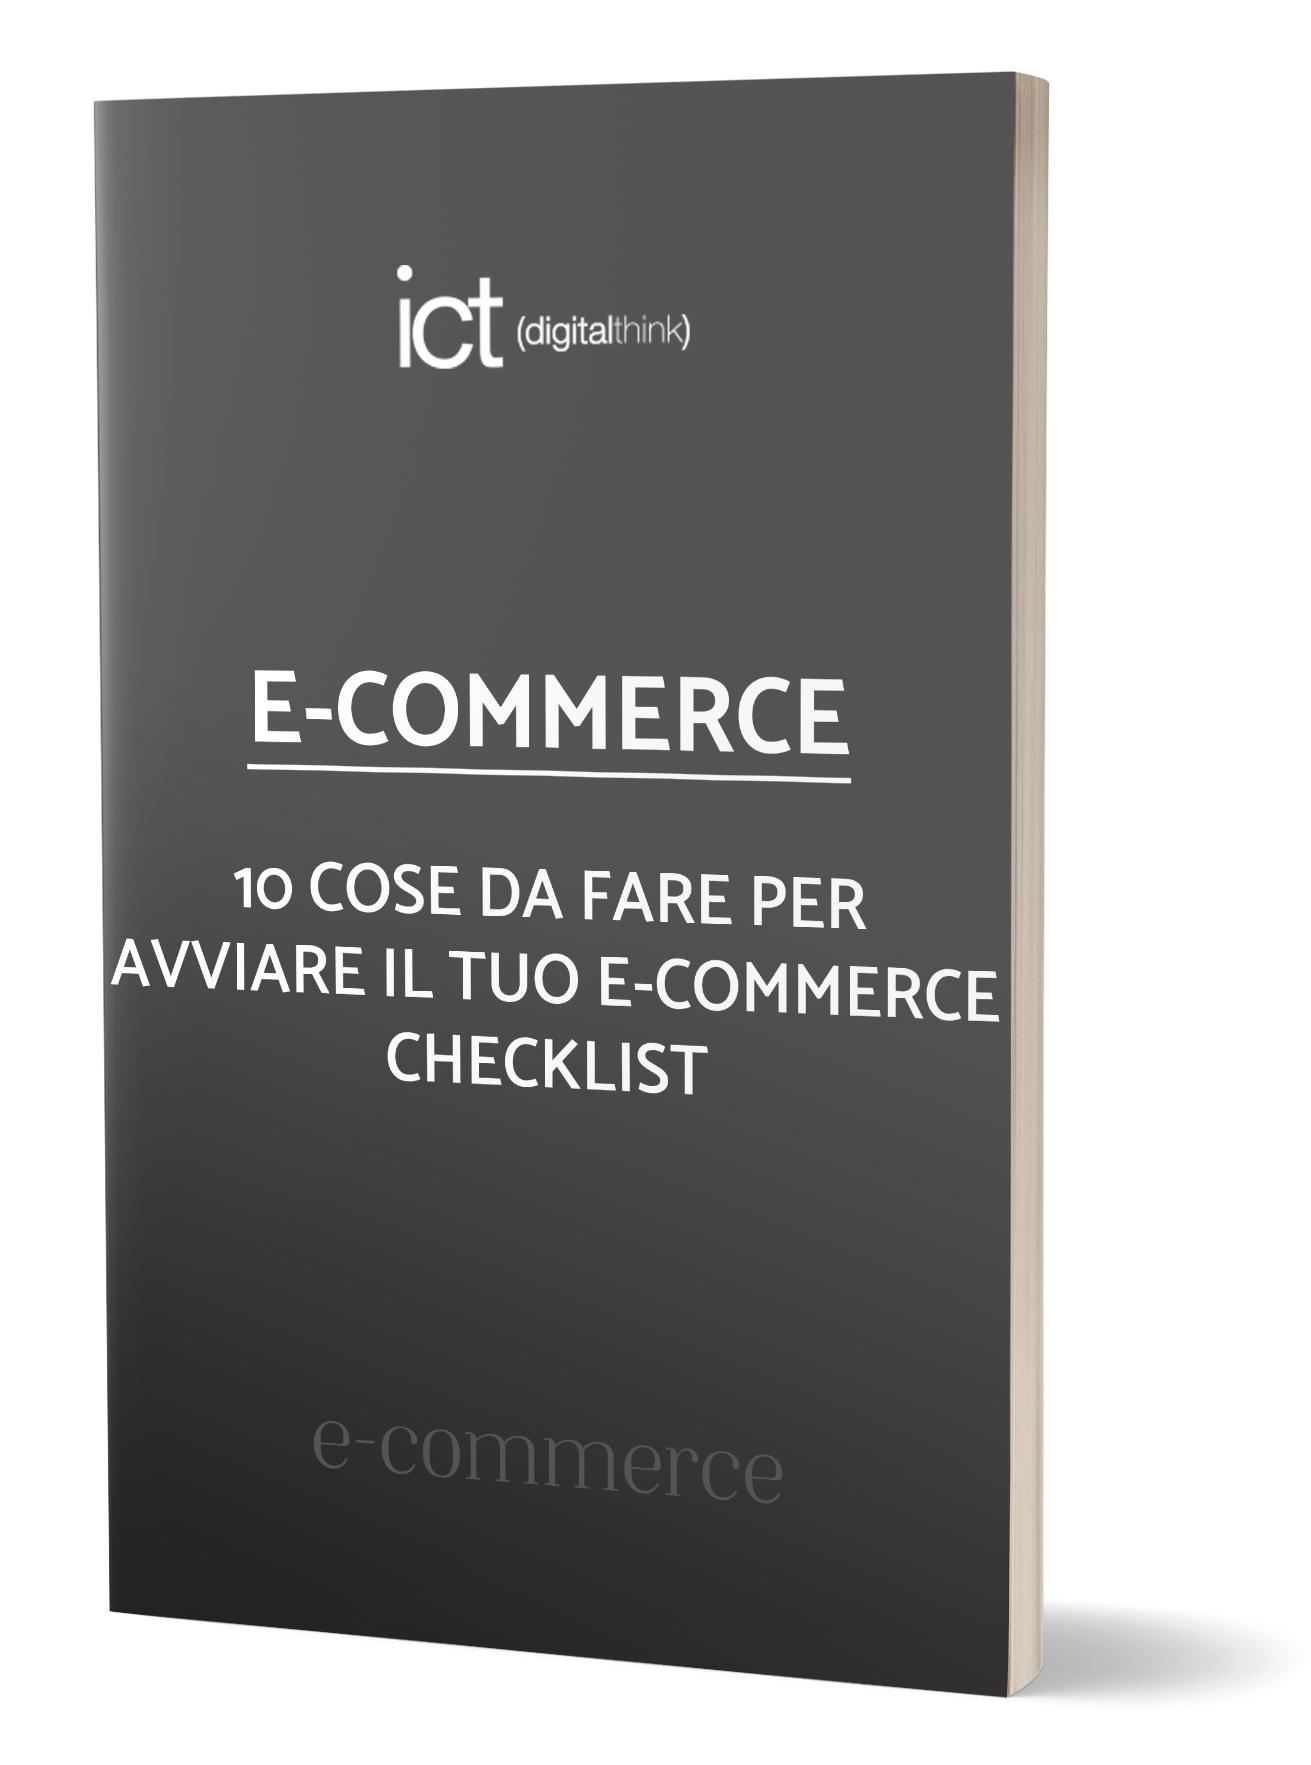 checklist-10-cose-da-fare-ecommerce-ebook